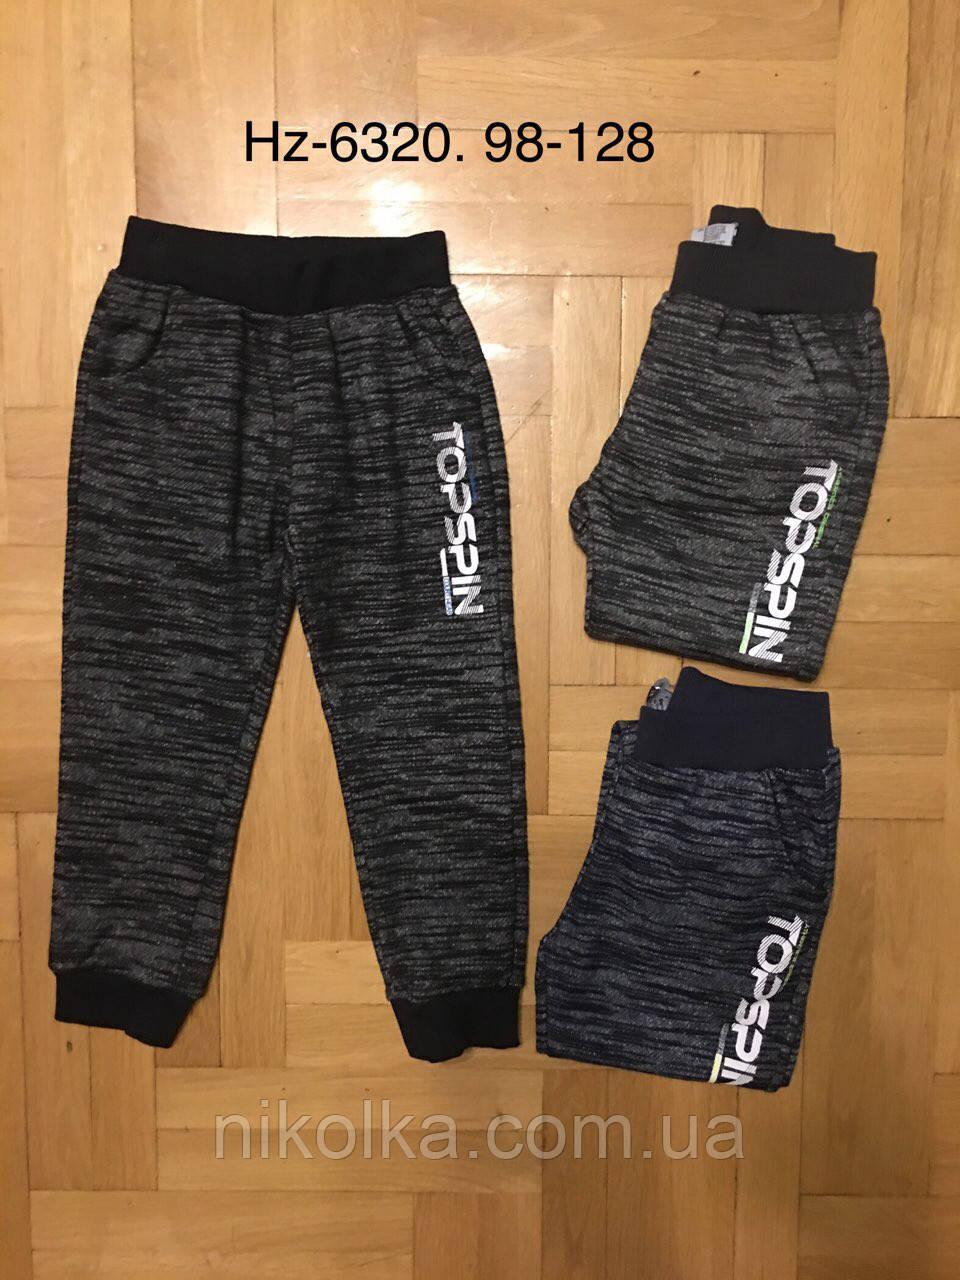 Спортивные брюки для мальчиков оптом, Active Sport, 98-128 рр., арт. HZ-6320